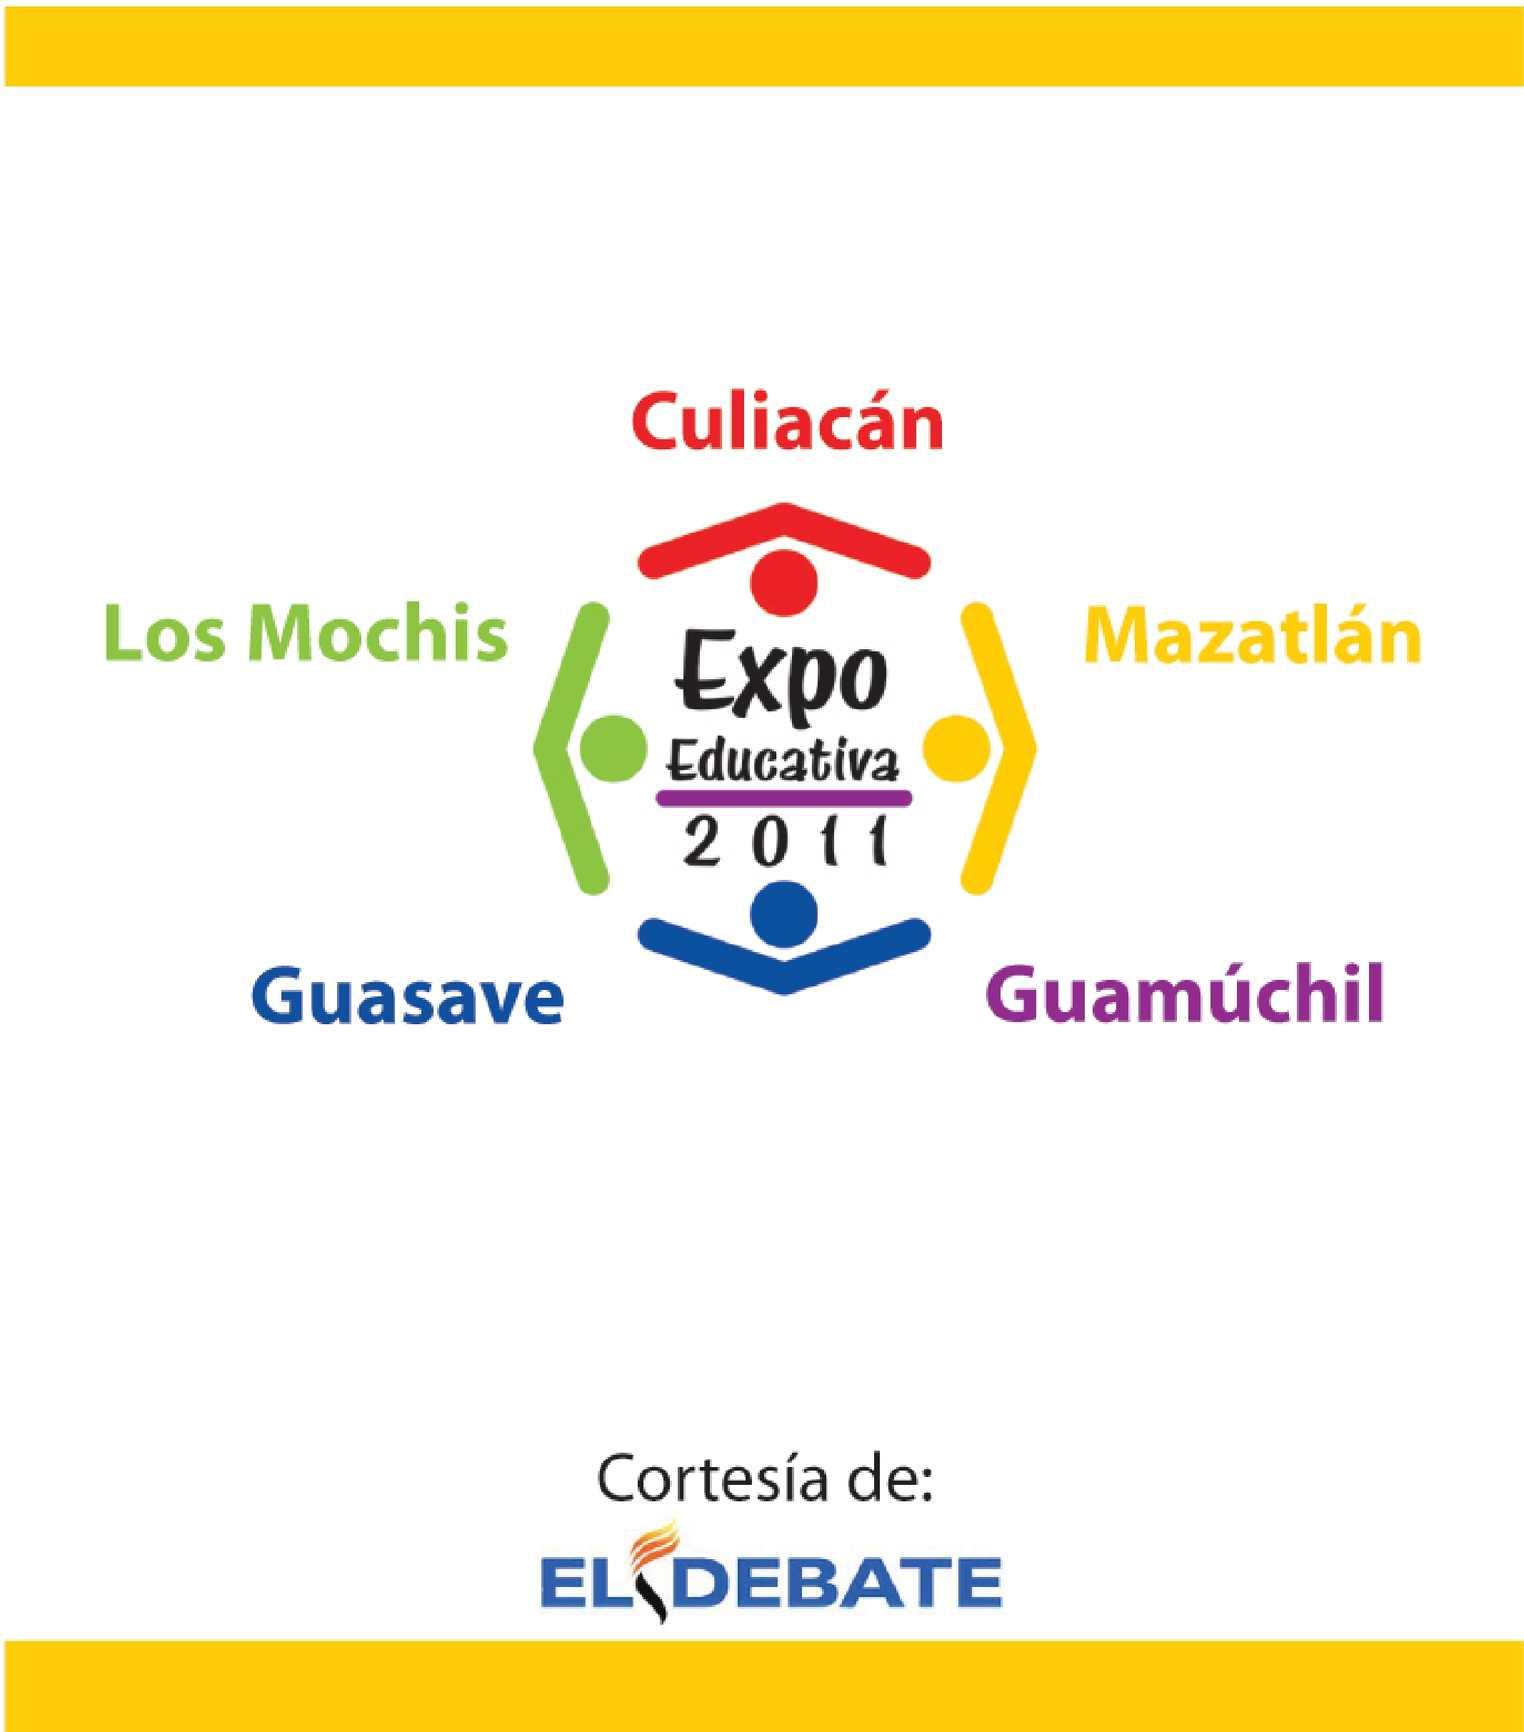 Calaméo - Los Mochis Expo 2011